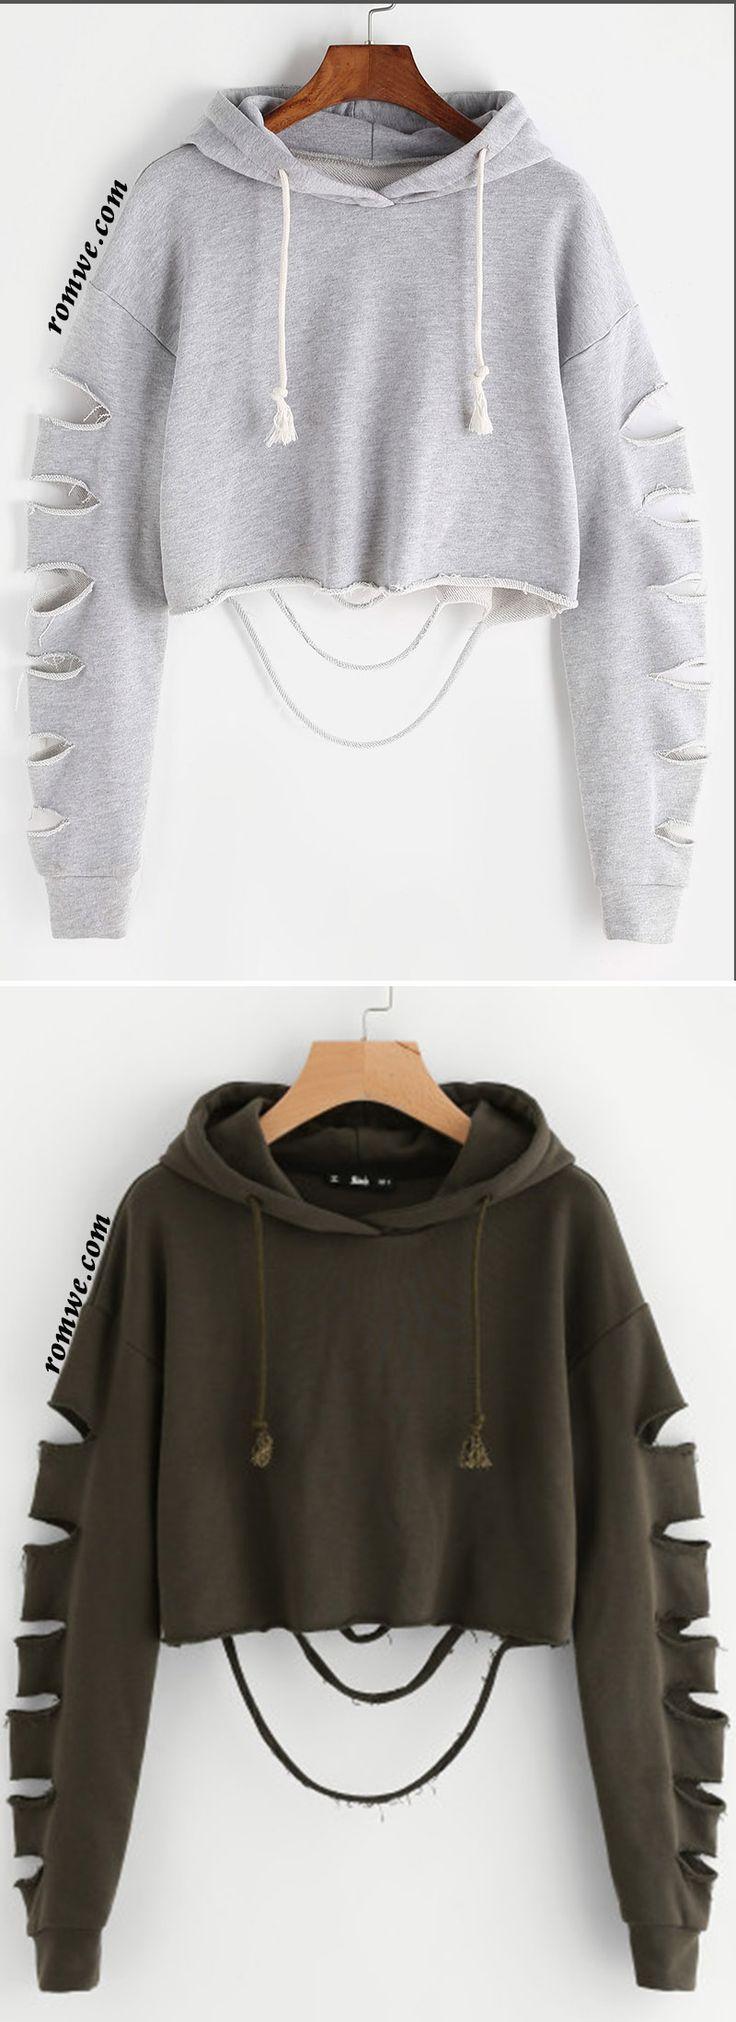 Best 25  Cropped hoodie ideas on Pinterest | Crop top hoodie ...